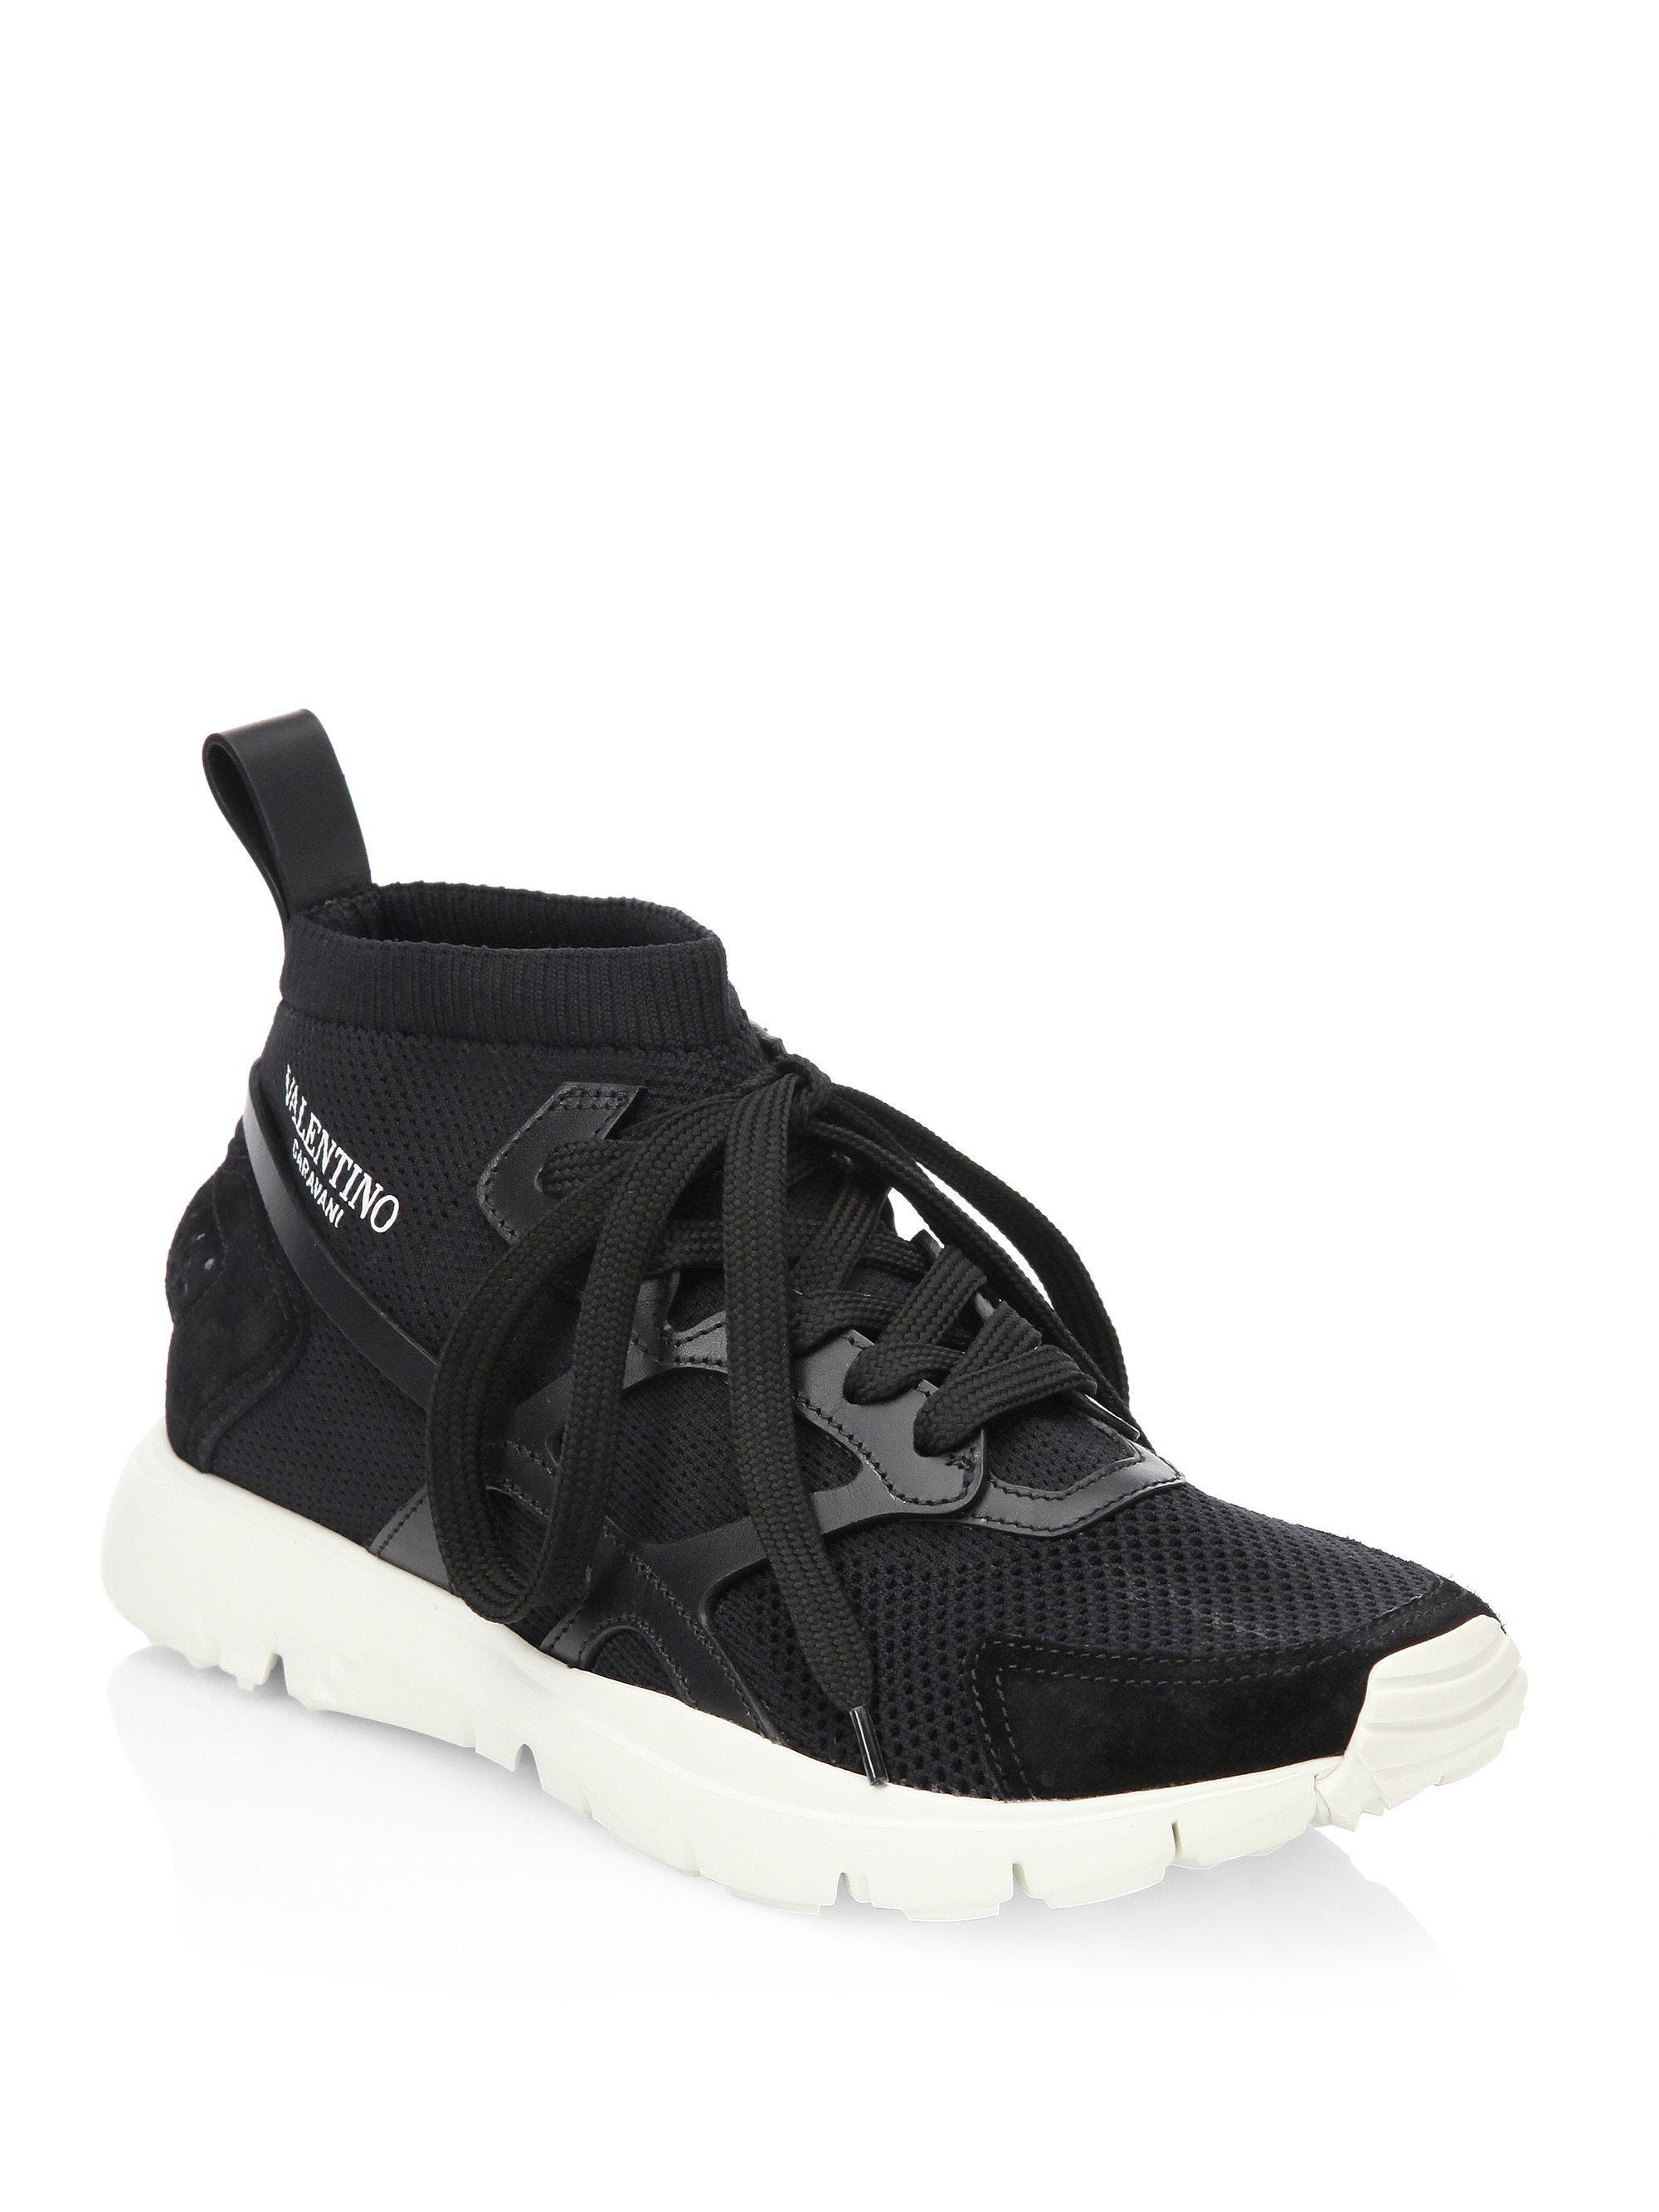 ValentinoMesh Low Sock Sneakers ZhBnB